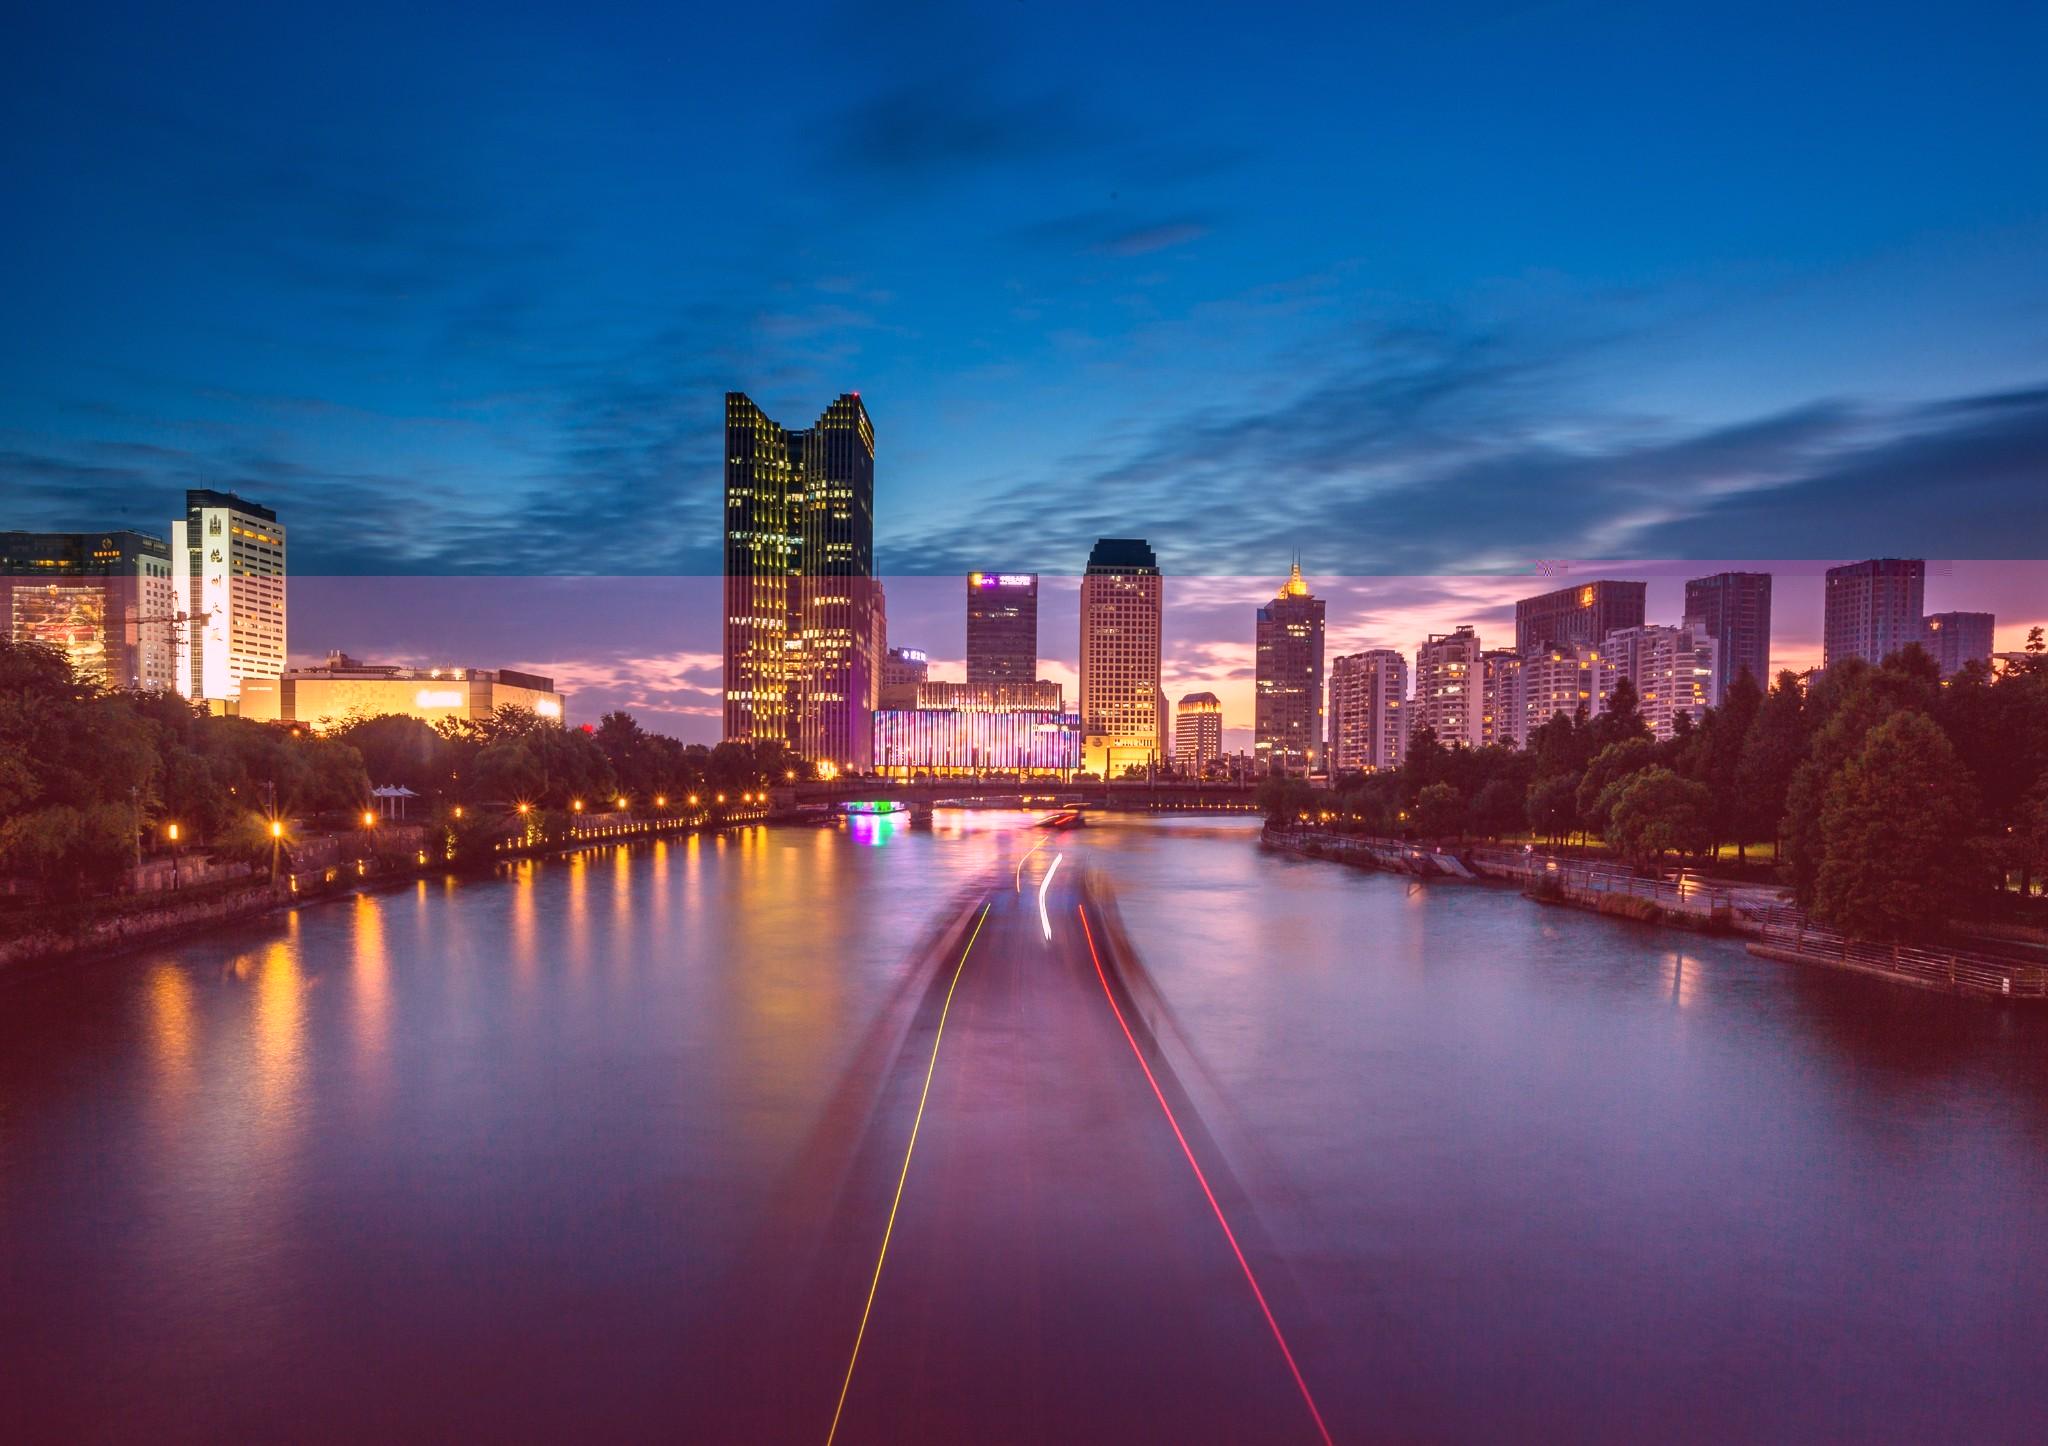 京杭大运河介绍,京杭大运河景区怎么玩,京杭大运河杭州段景点